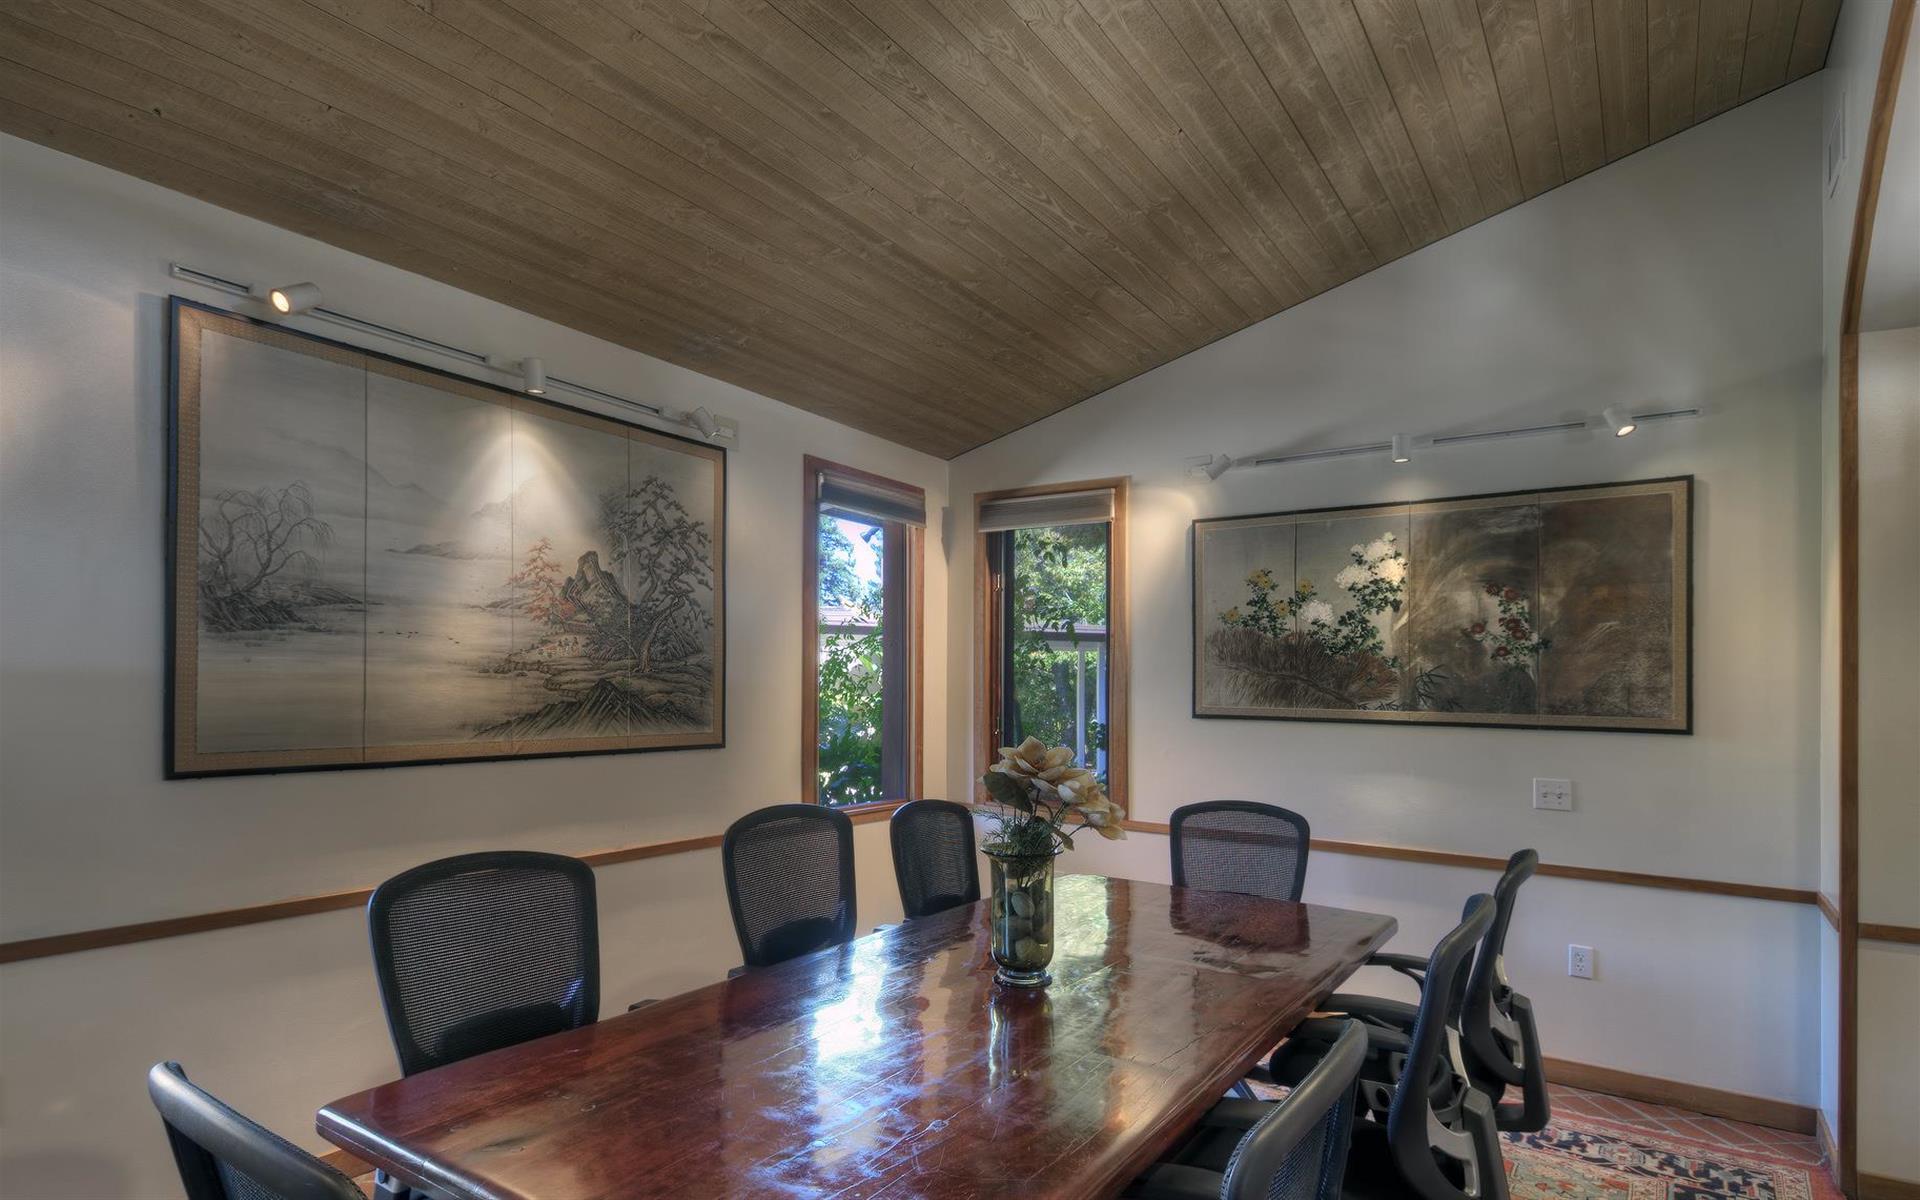 Dinah's Garden Hotel Palo Alto - Boardroom